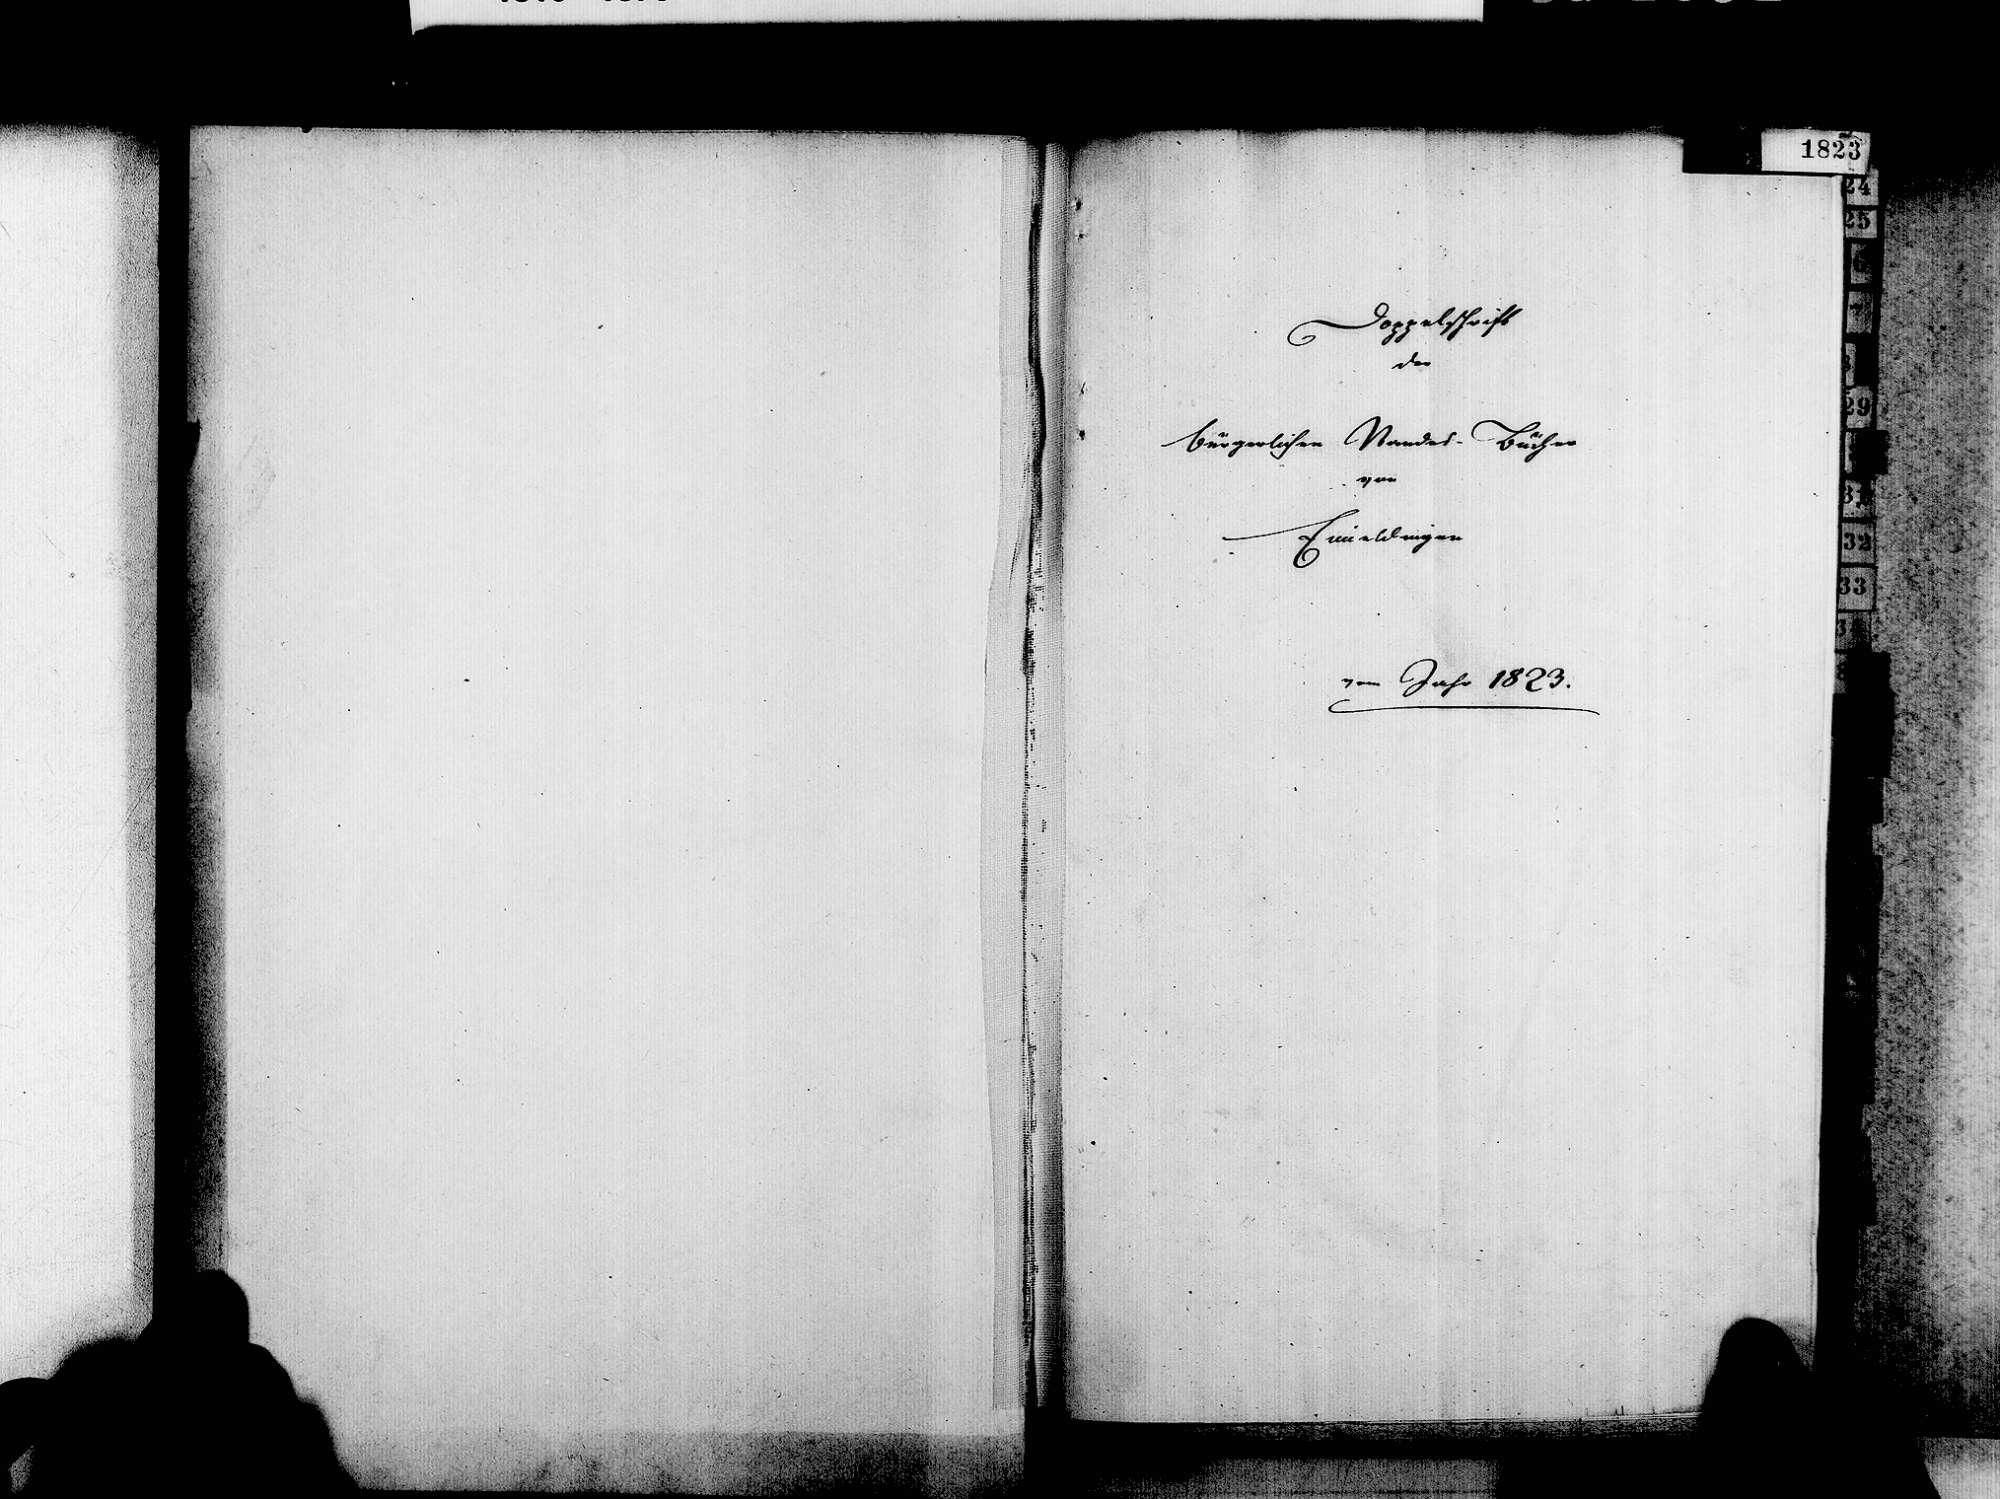 Eimeldingen LÖ; Evangelische Gemeinde: Standesbuch 1823-1850, Bild 3